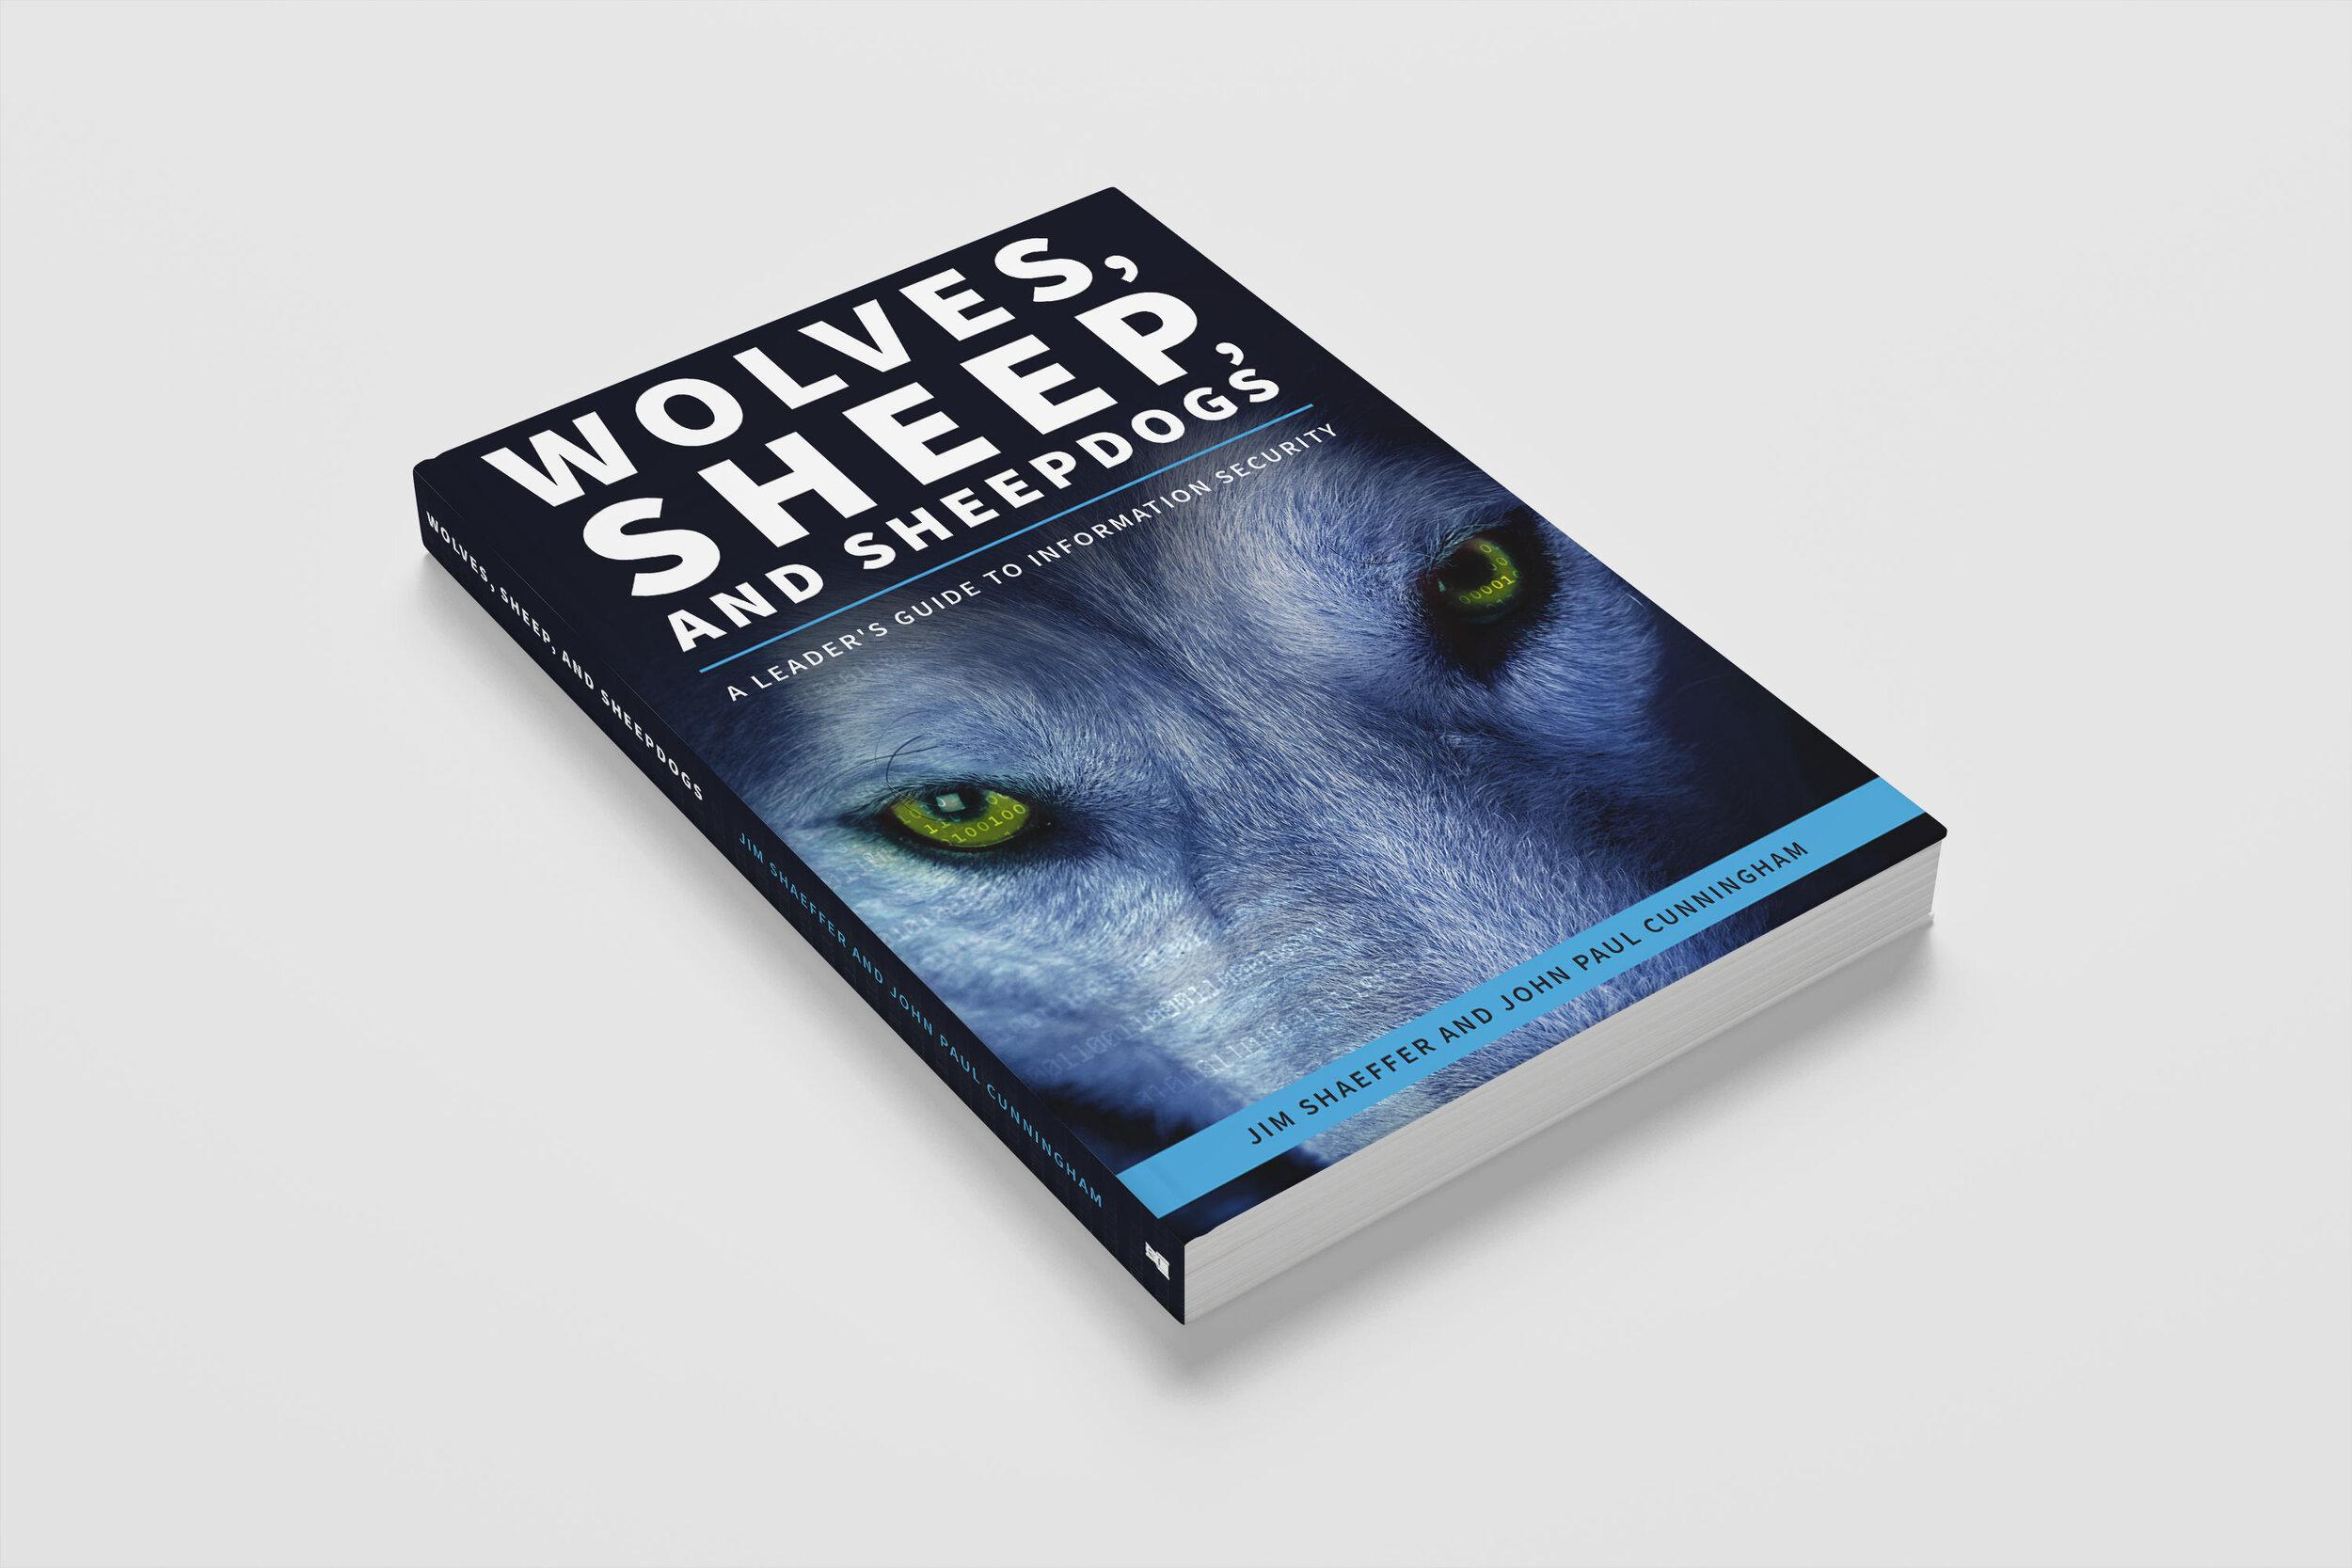 WolvesSheepSheepdogs_ShaefferCunningham_3D.jpg